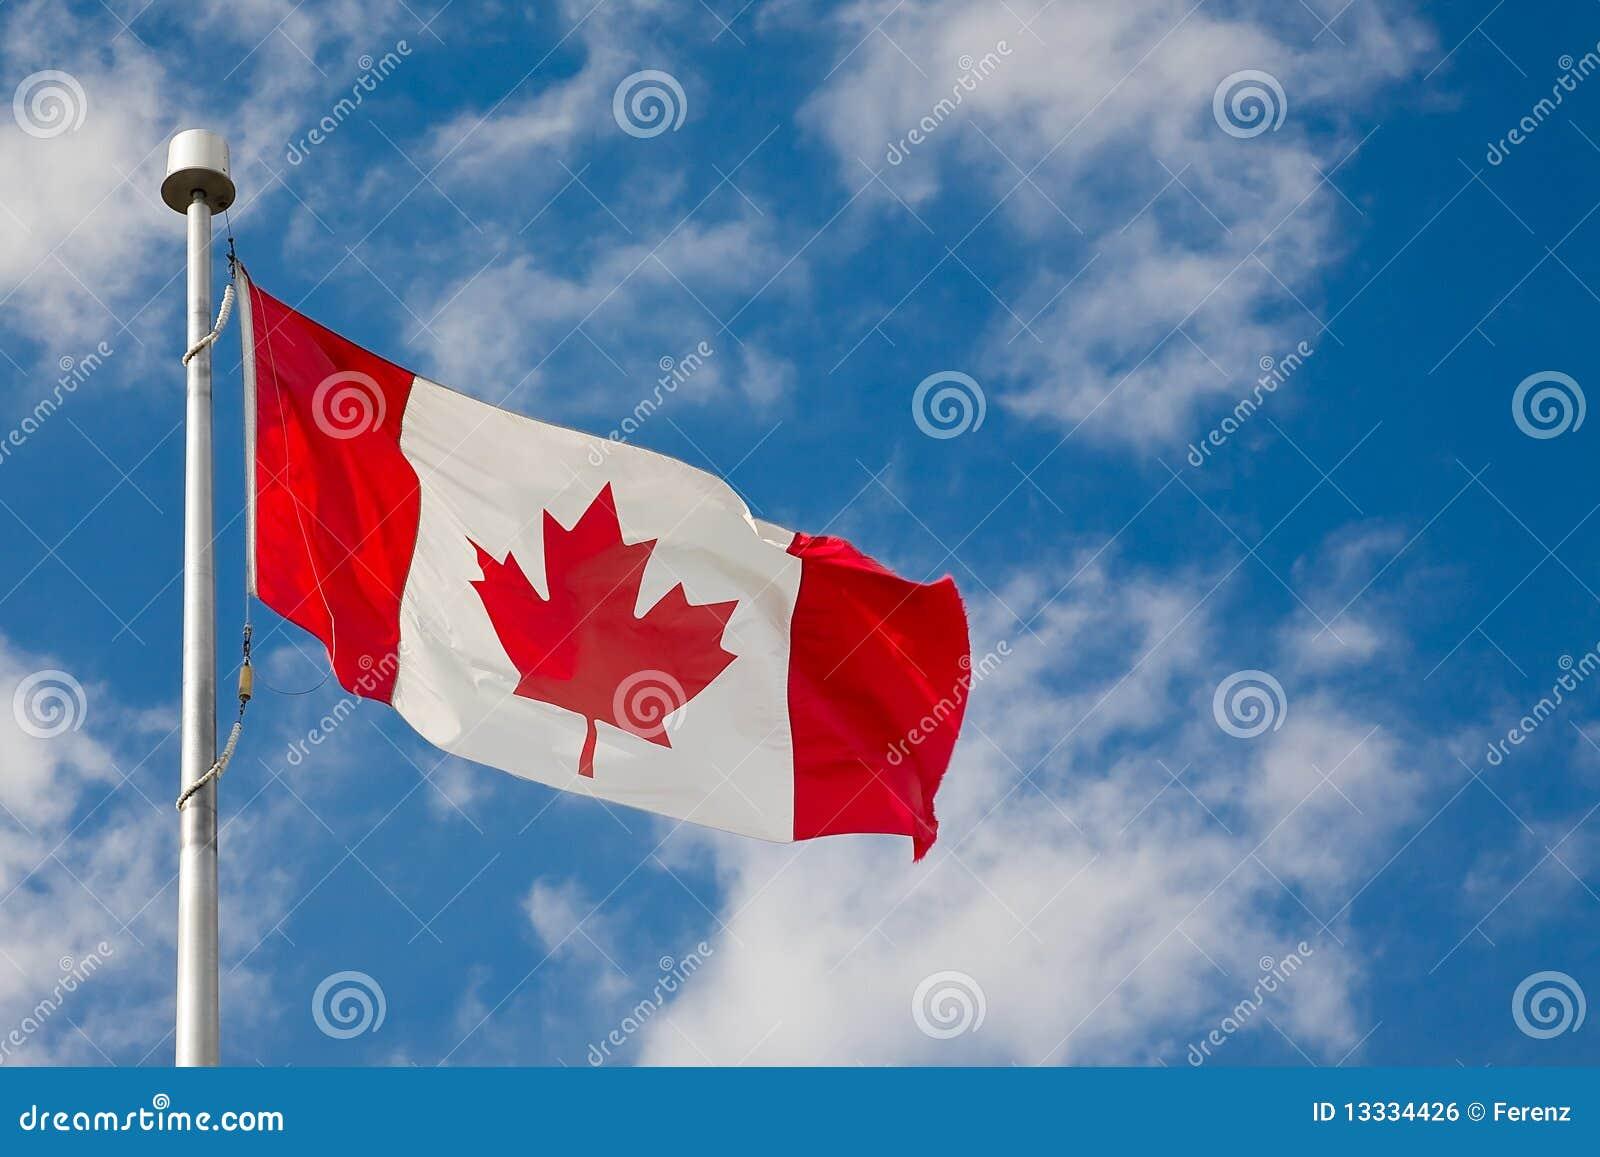 Kanadyjczyk dumnie